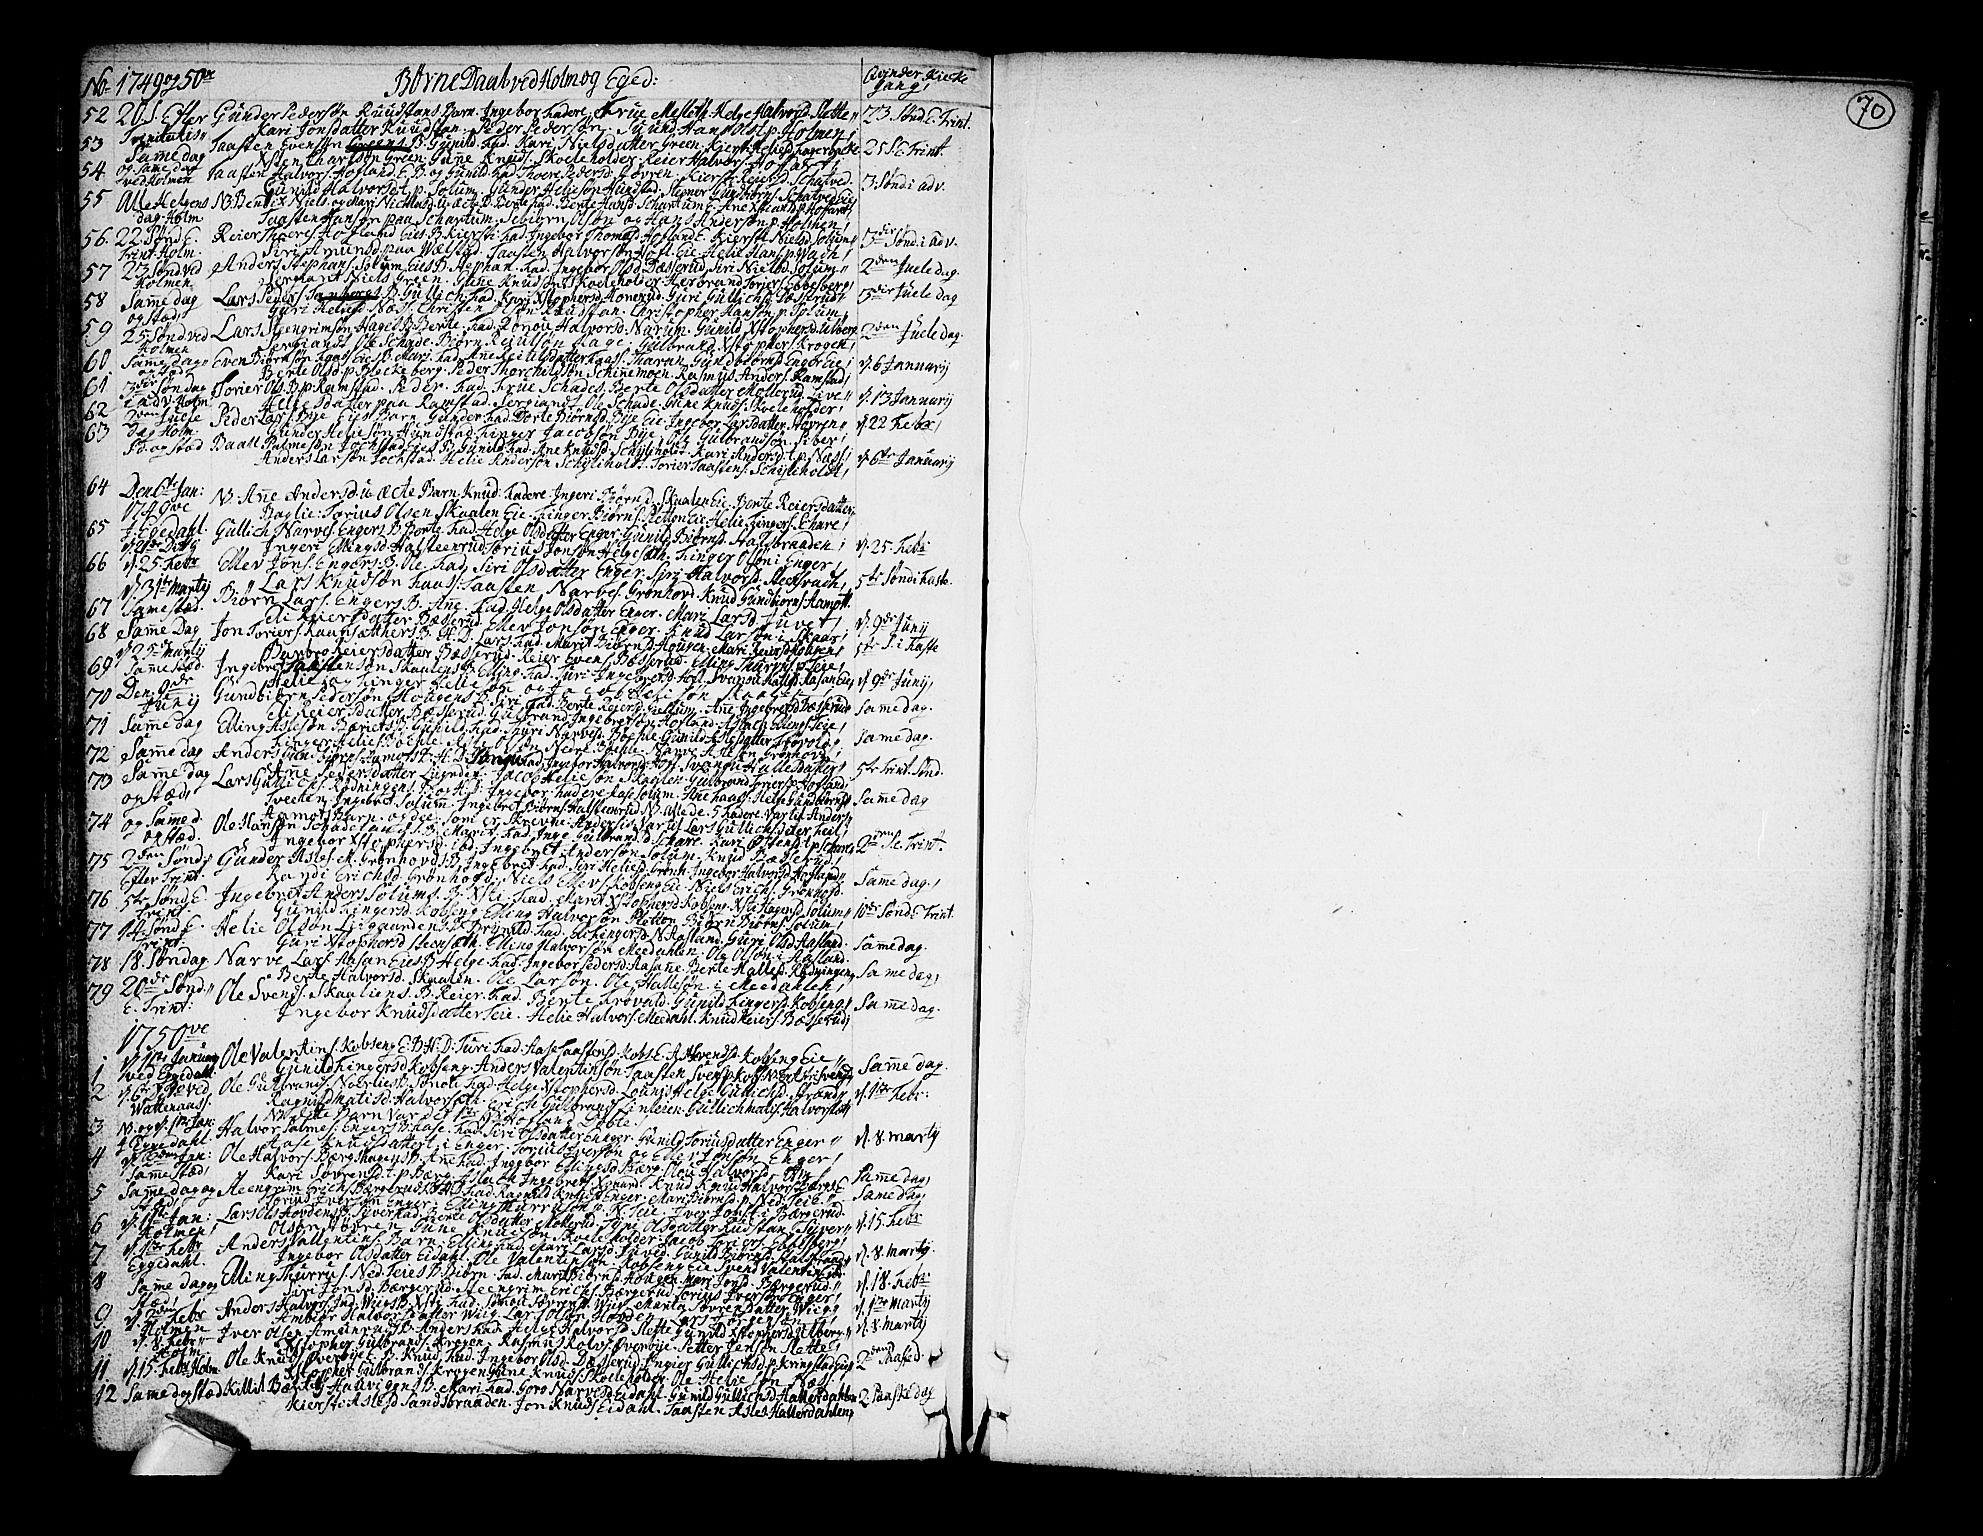 SAKO, Sigdal kirkebøker, F/Fa/L0001: Ministerialbok nr. I 1, 1722-1777, s. 70